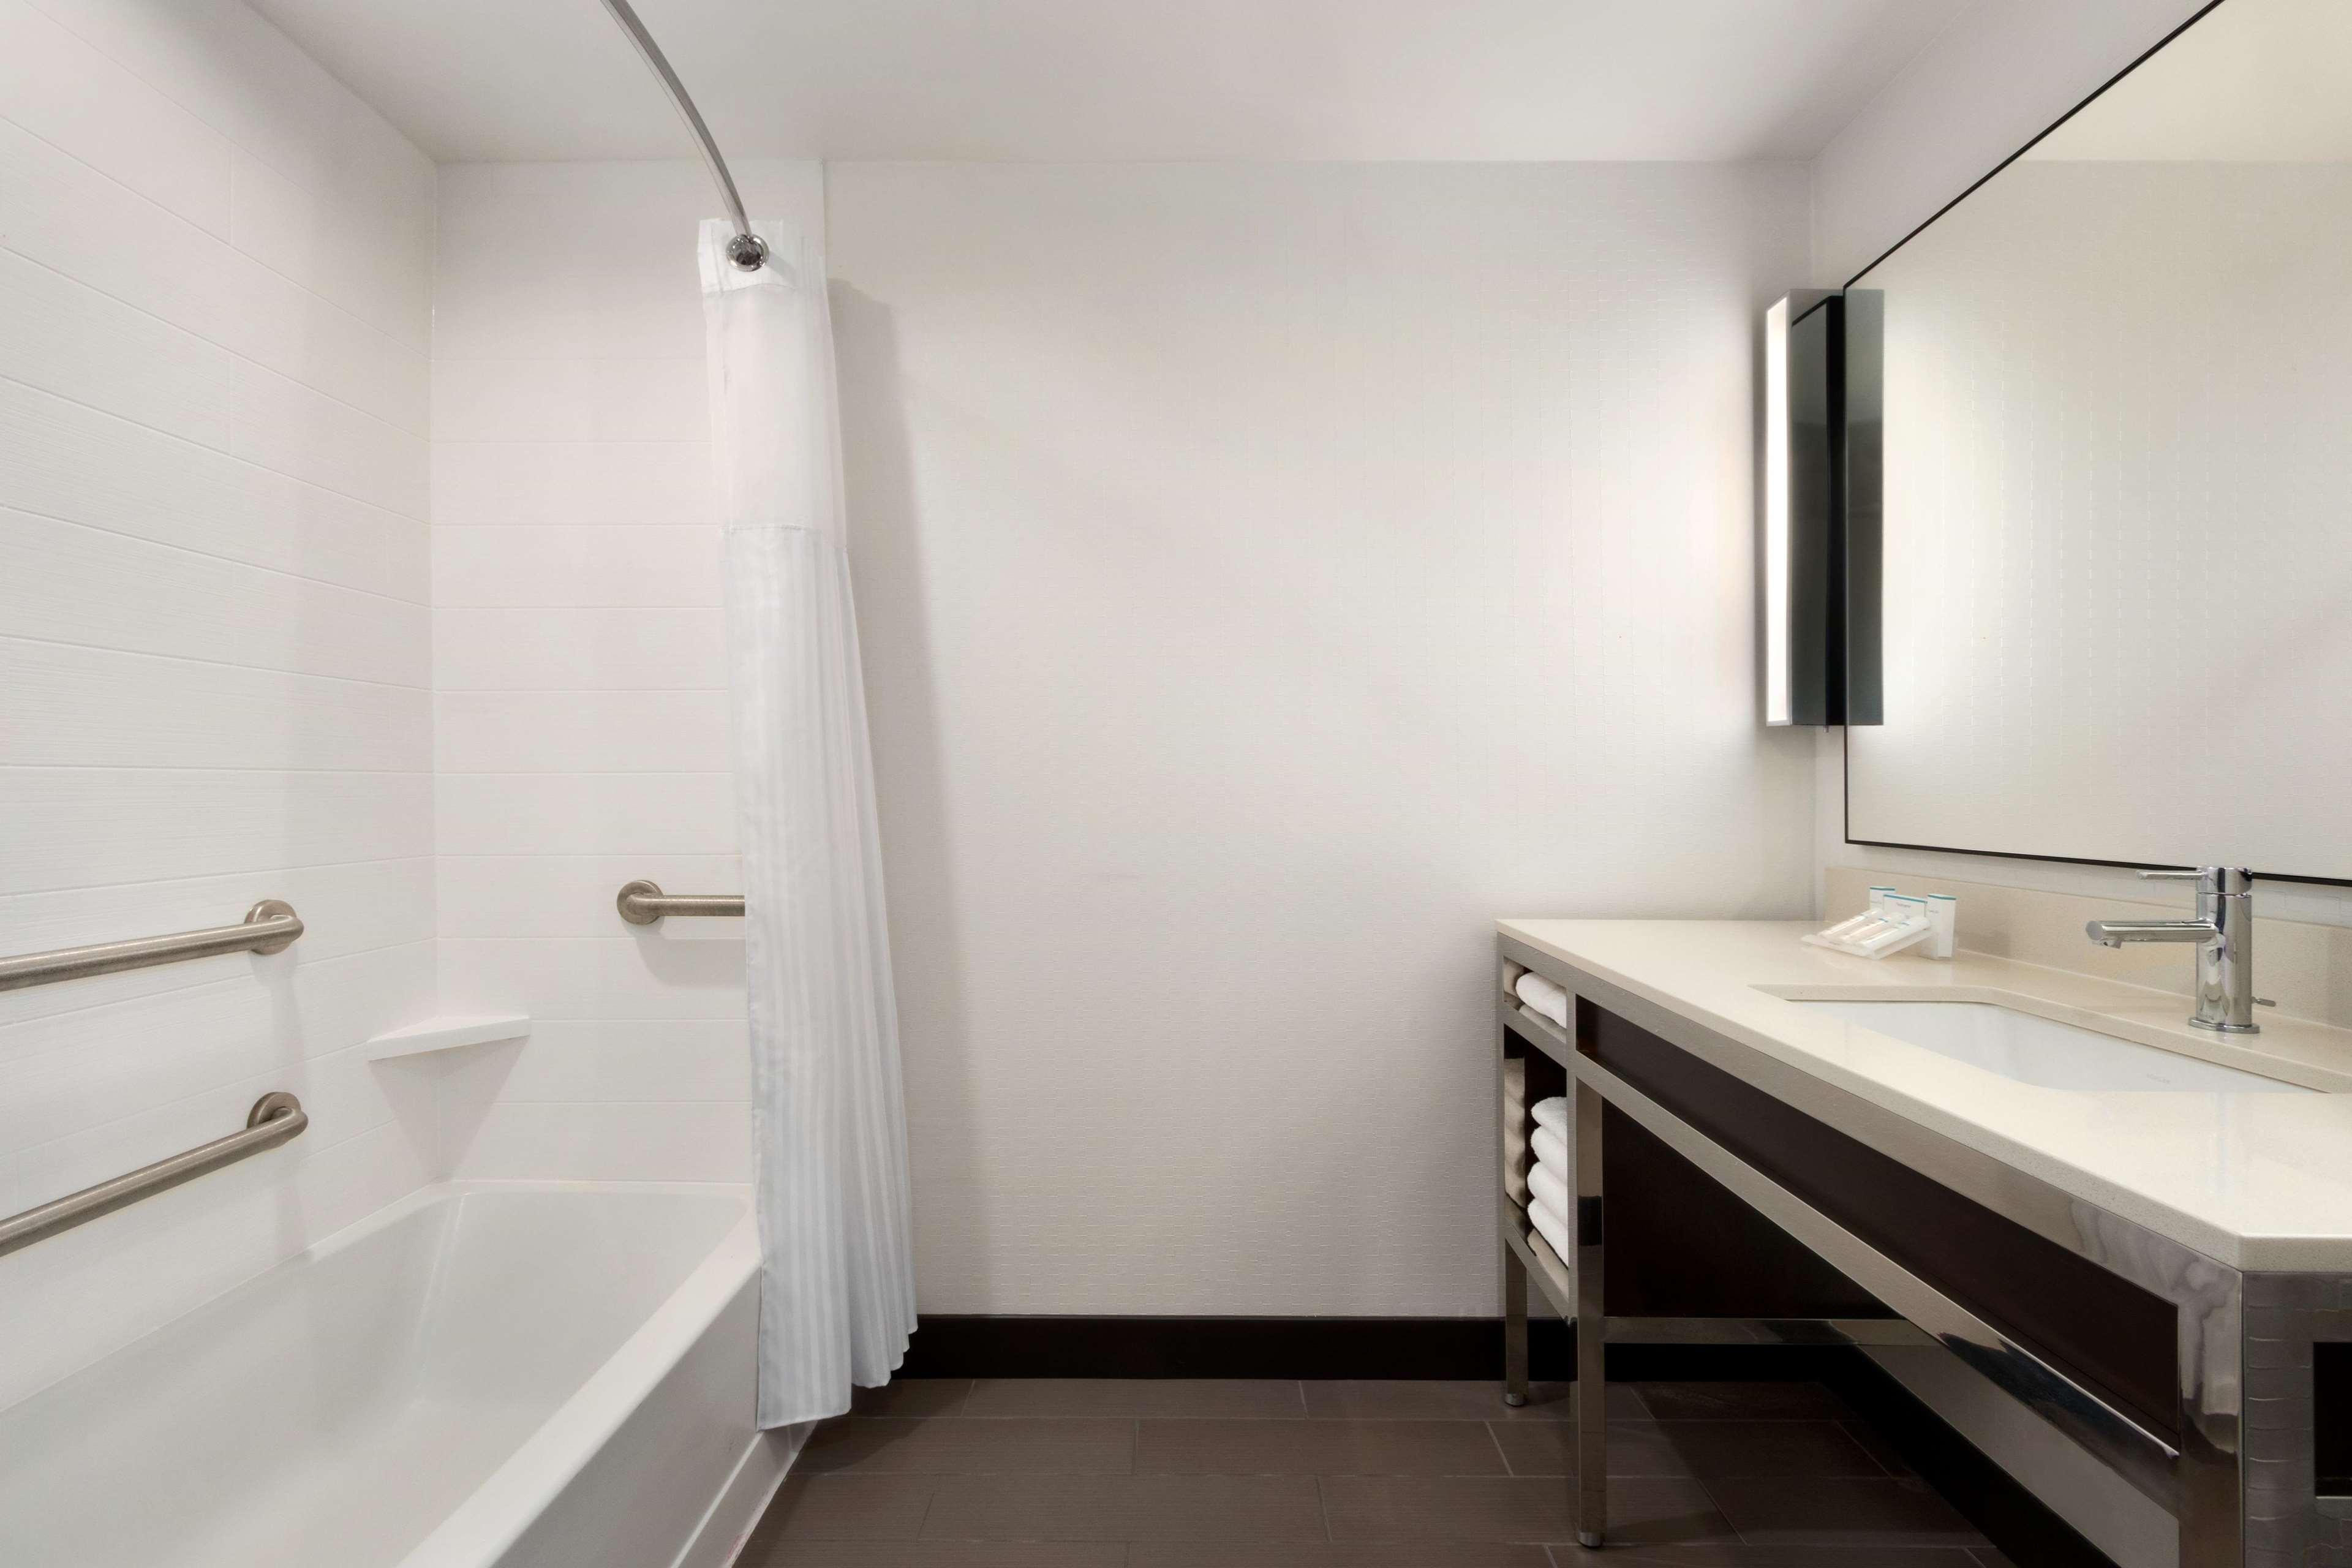 Hilton Garden Inn Medford image 24